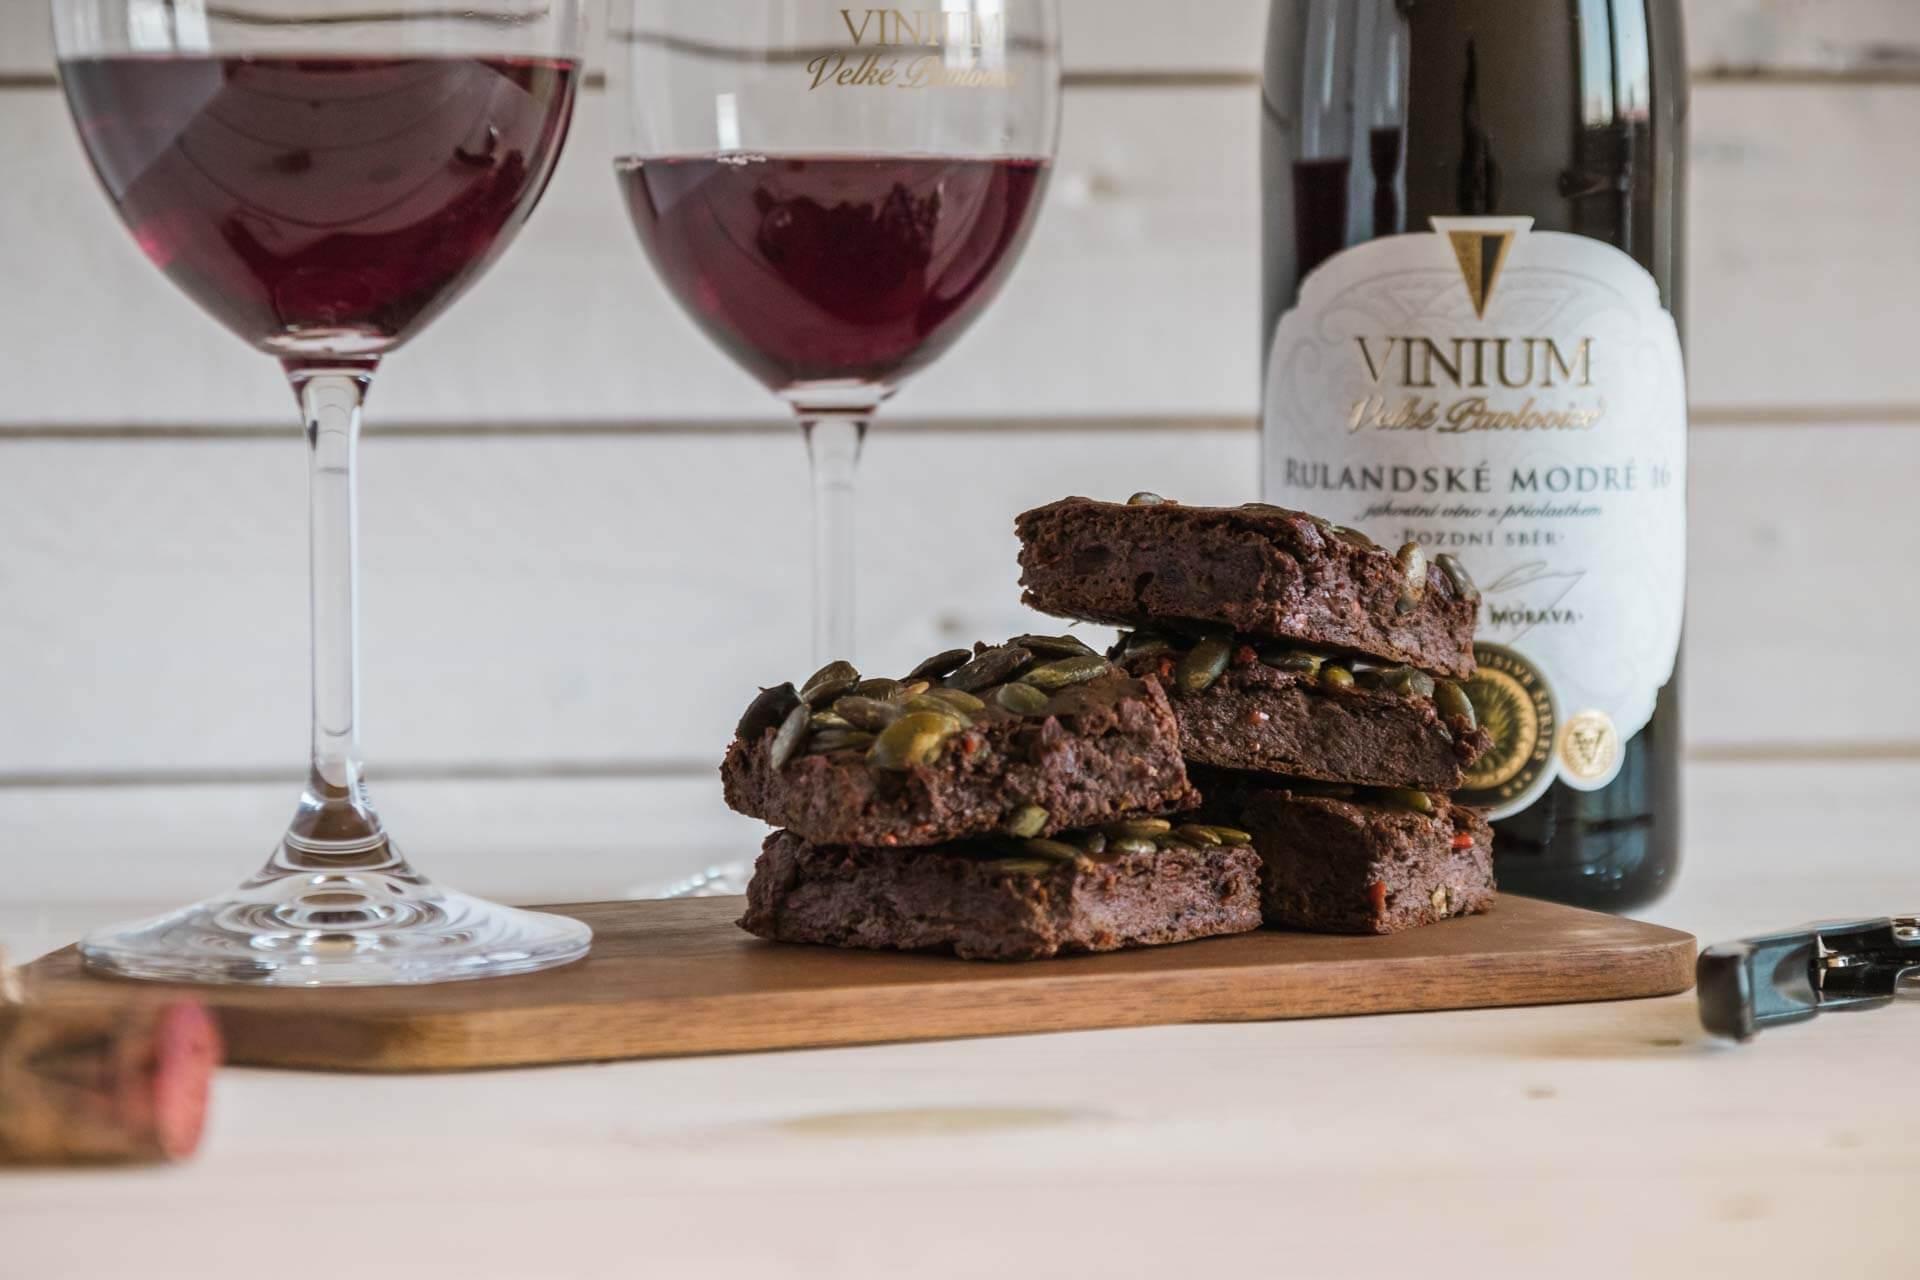 Foto k článku 1, Dýňové brownies, recept brownies, Rulandské modré – VINIUM Velké Pavlovice